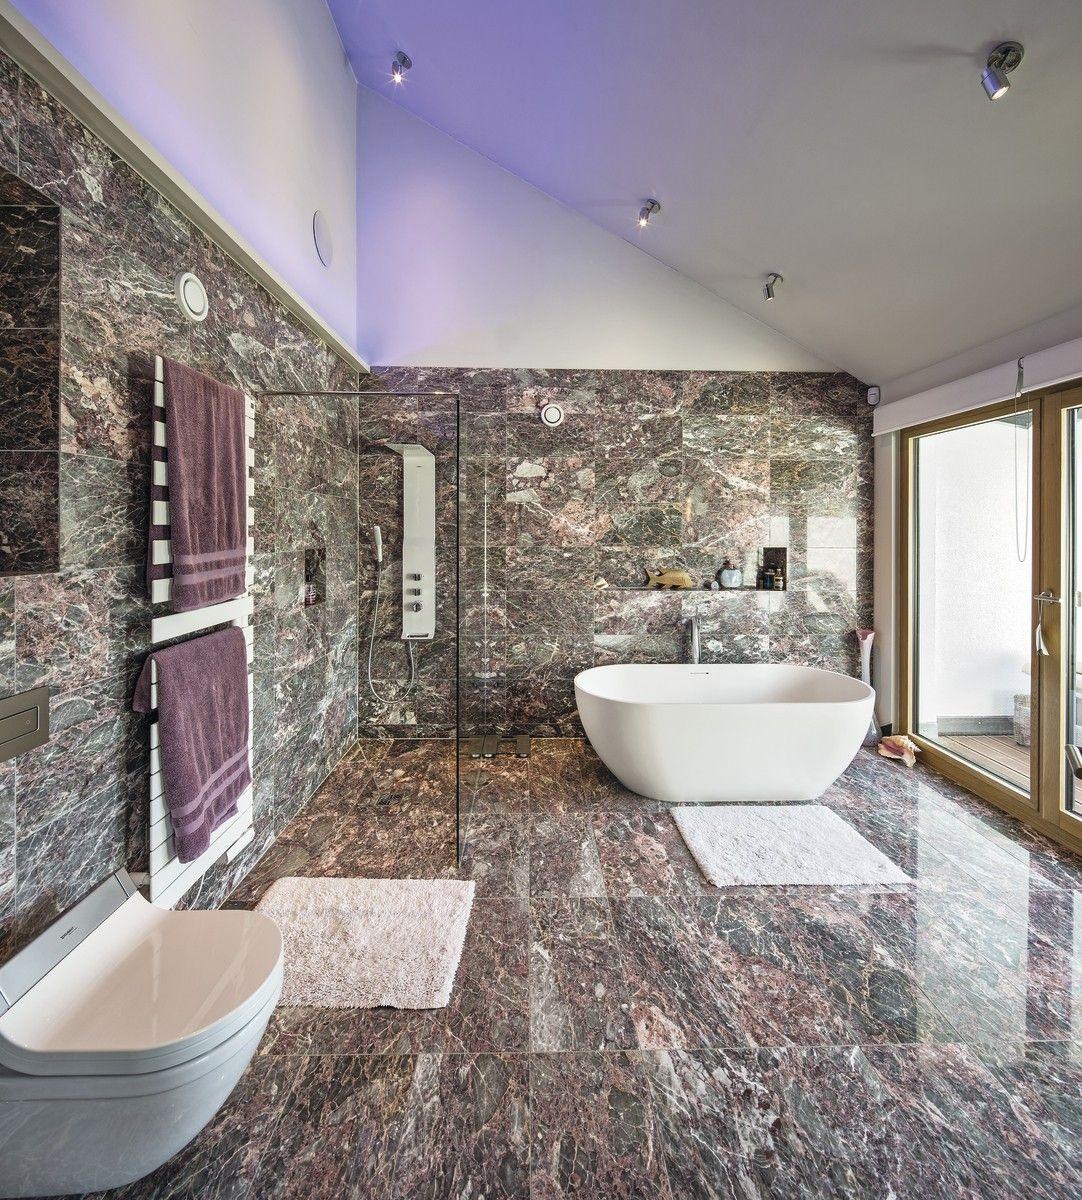 luxus badezimmer mit marmor fliesen inneneinrichtung weberhaus villa hausbaudirektde - Luxus Badezimmer Fliesen